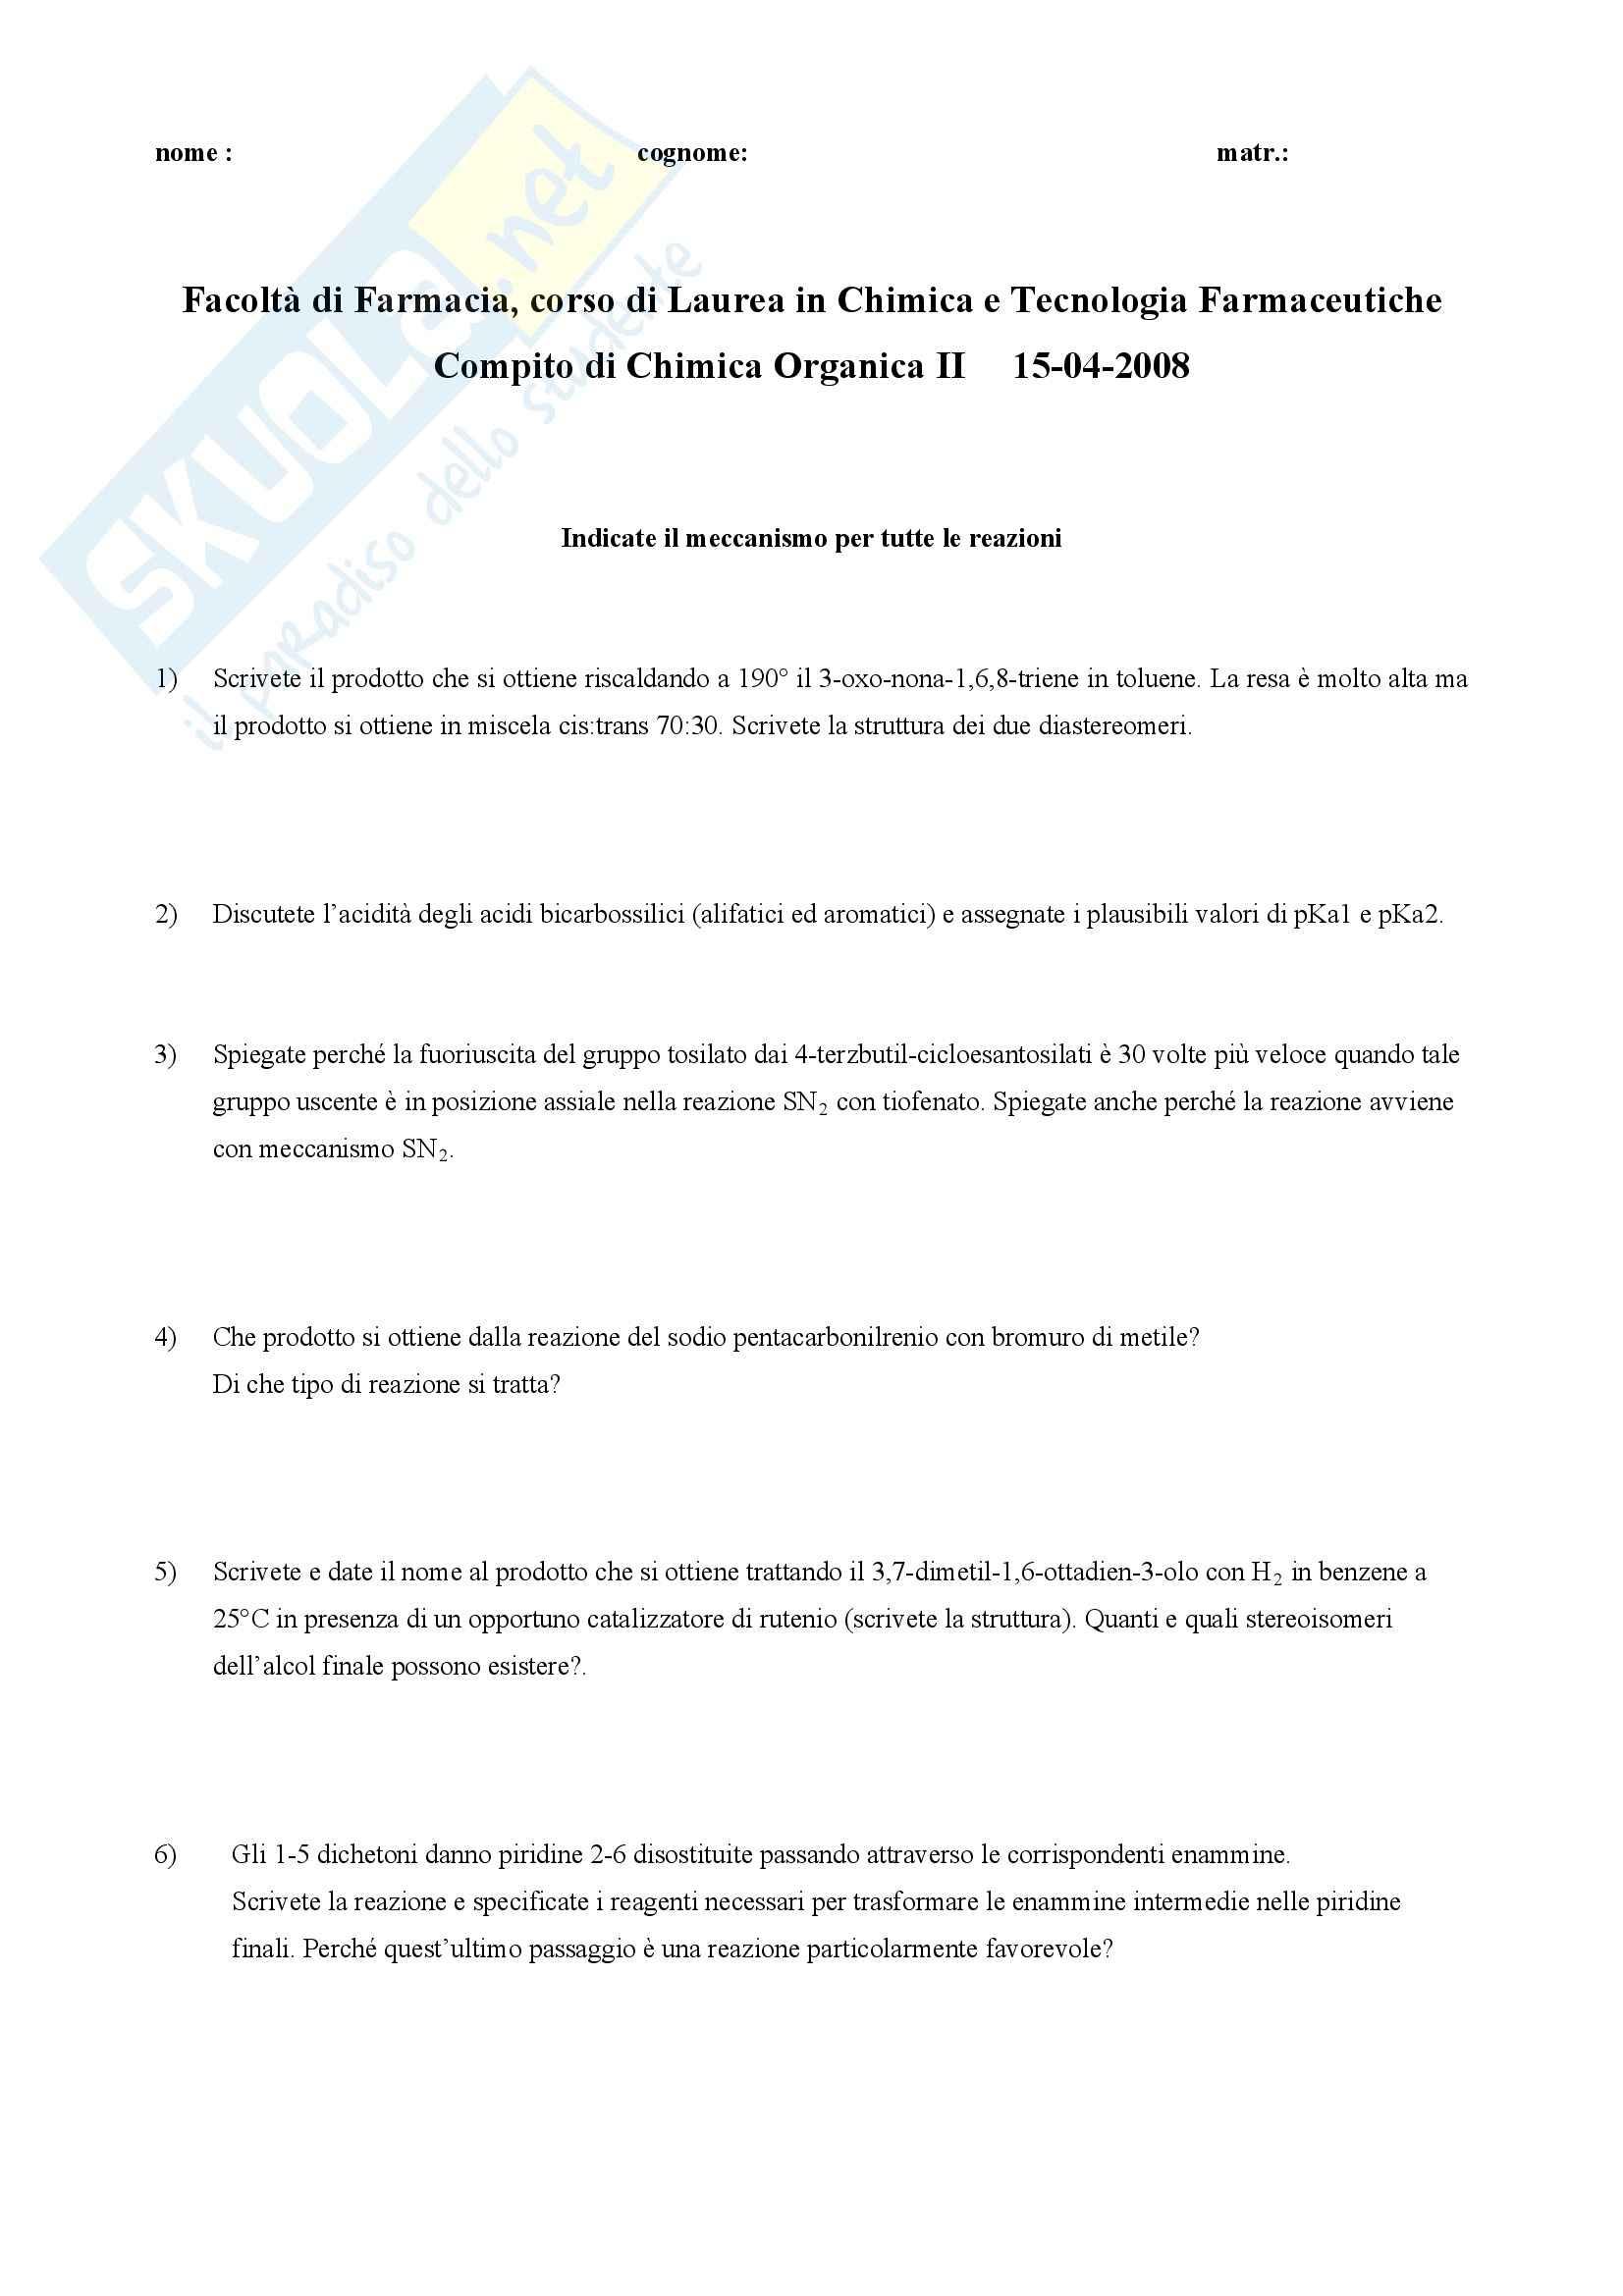 Chimica organica II - Esercizi Pag. 21